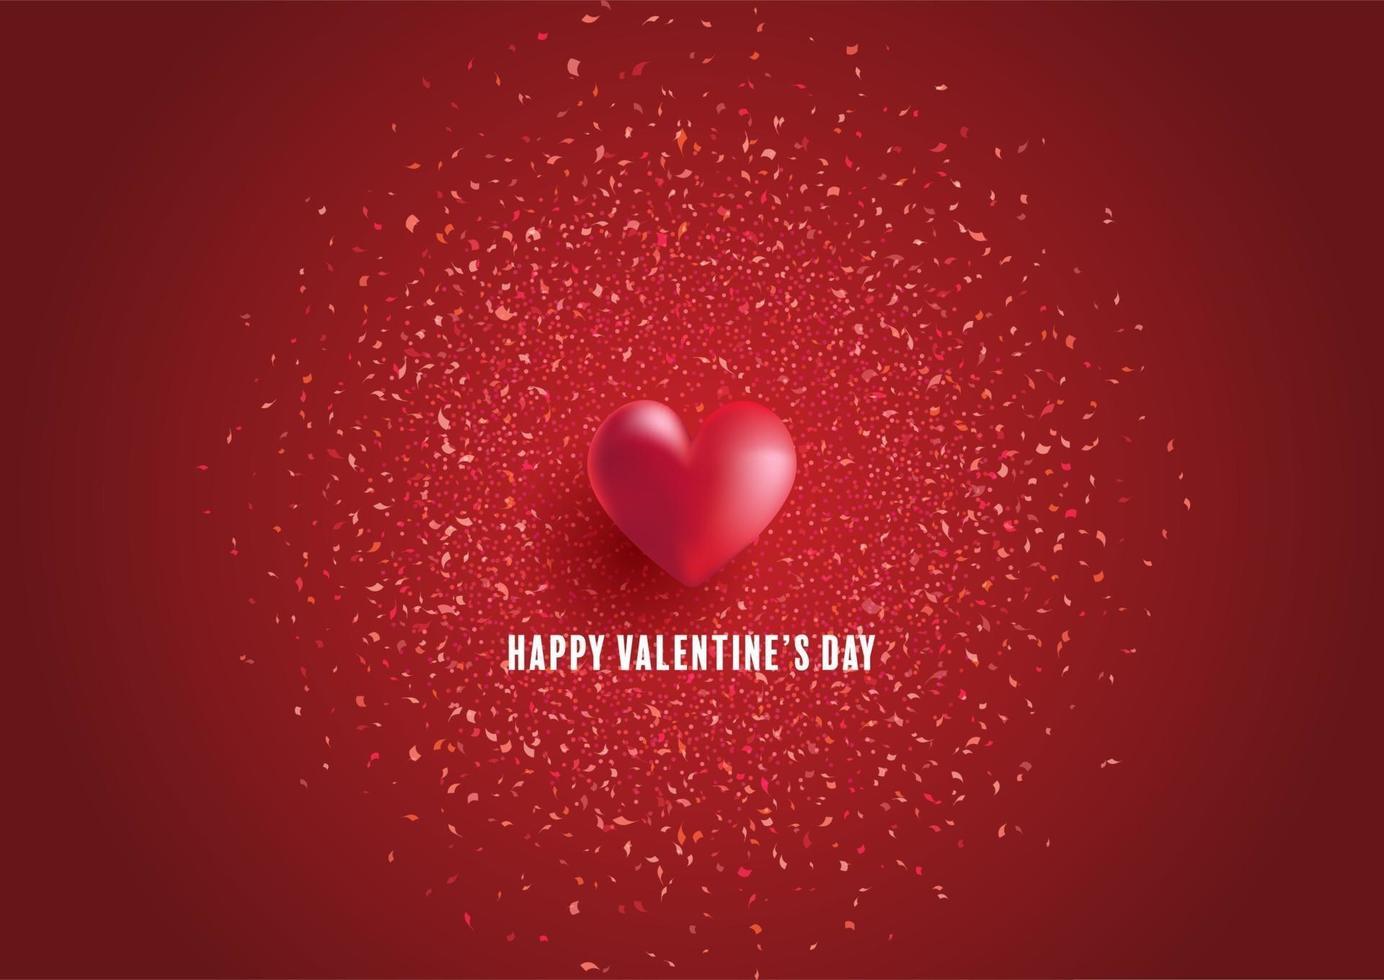 sfondo di San Valentino con cuore e coriandoli vettore